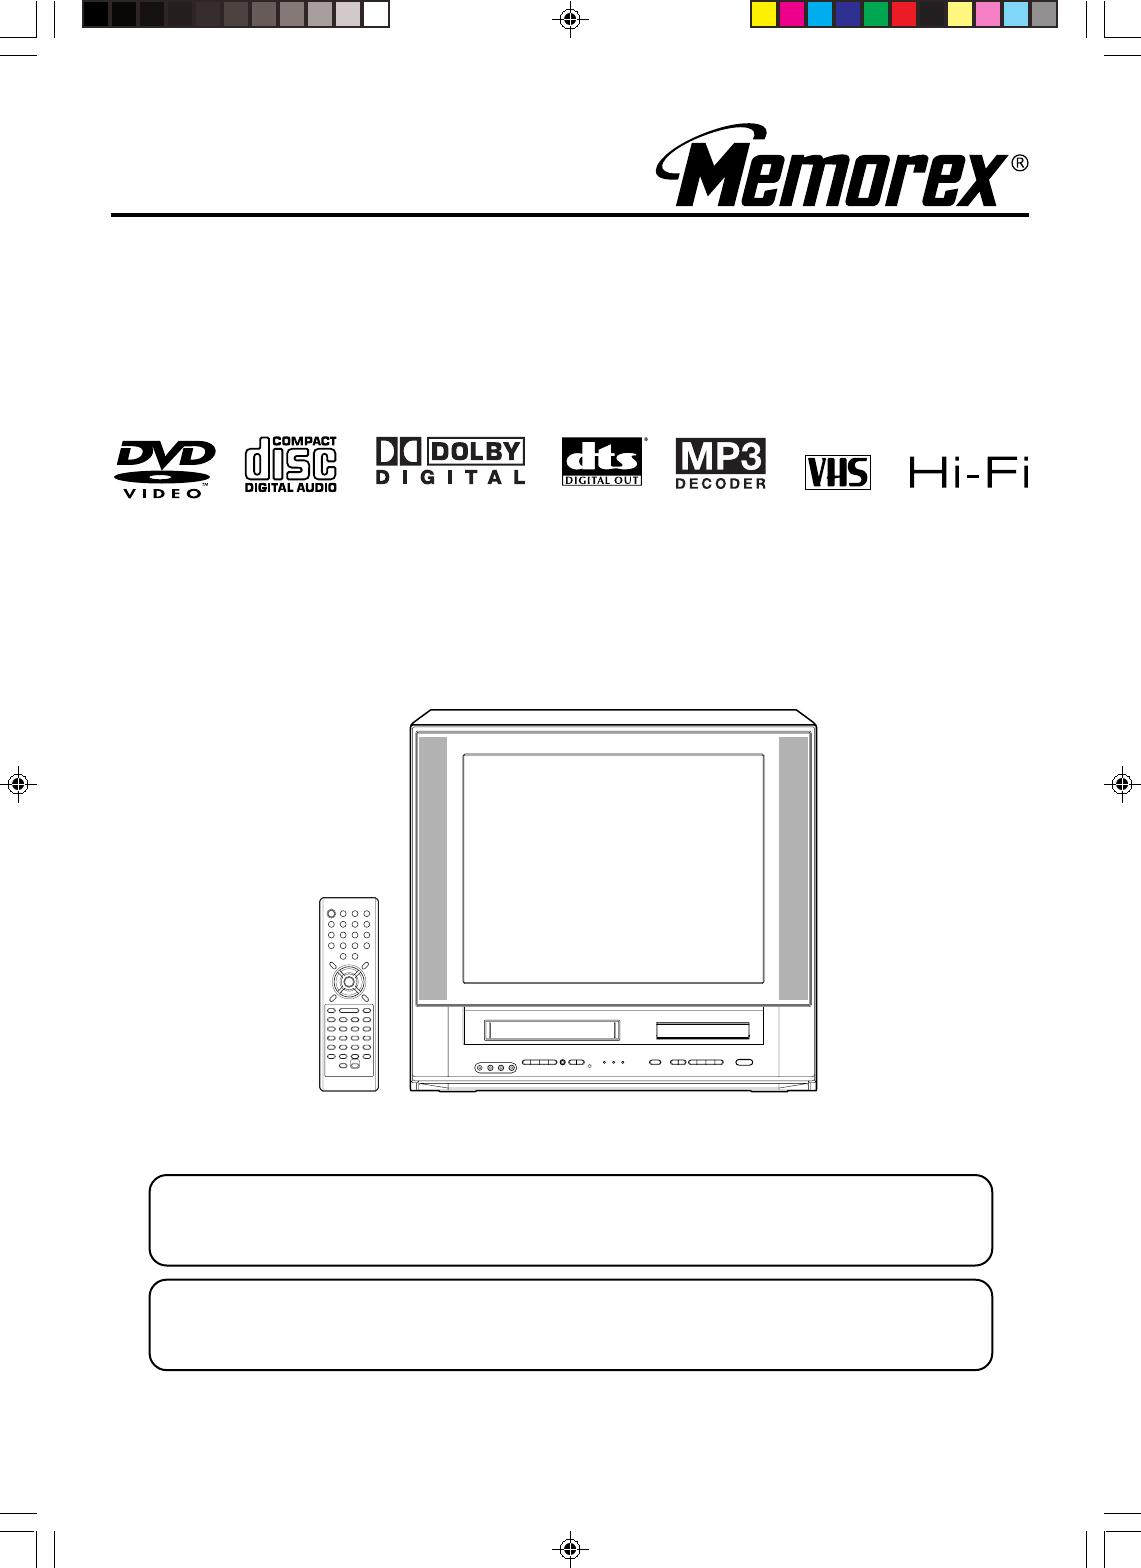 memorex tv manual